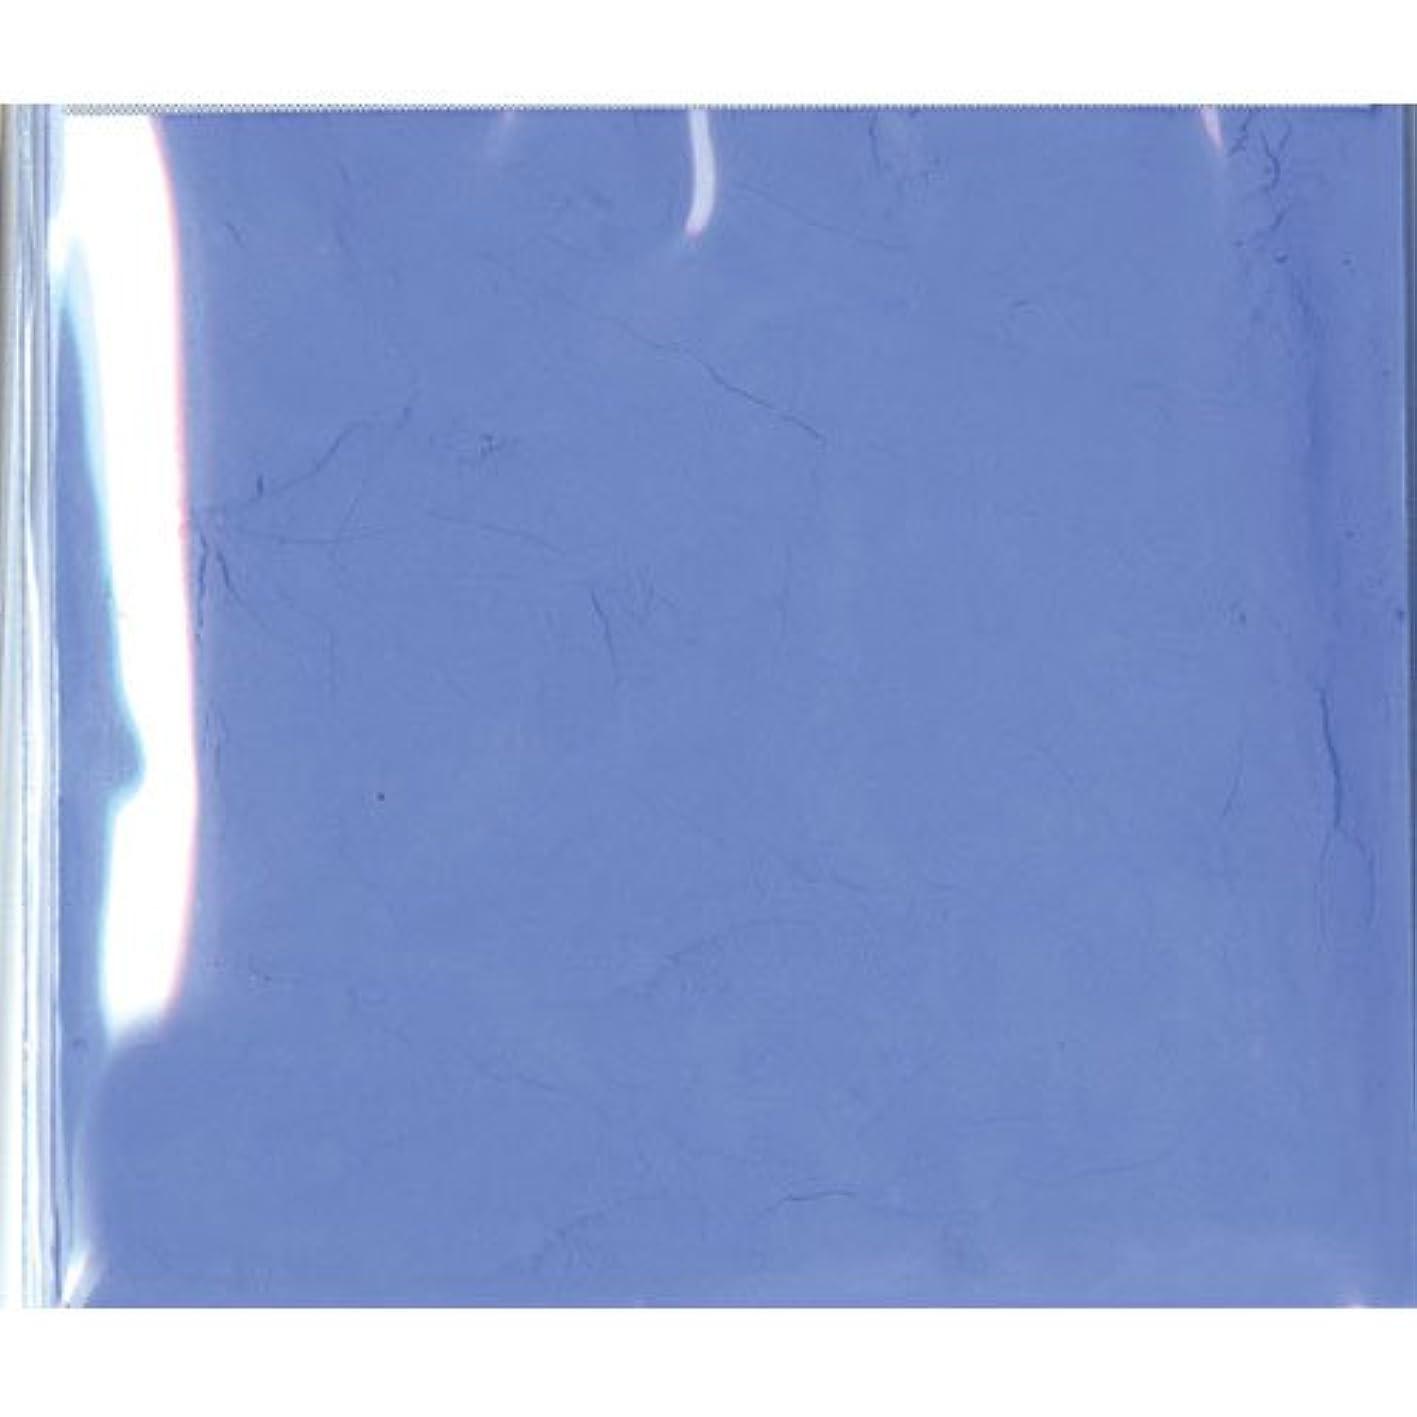 ふざけた性差別敷居ピカエース ネイル用パウダー ピカエース カラーパウダー 透明顔料 #963 マリンブルー 2g アート材